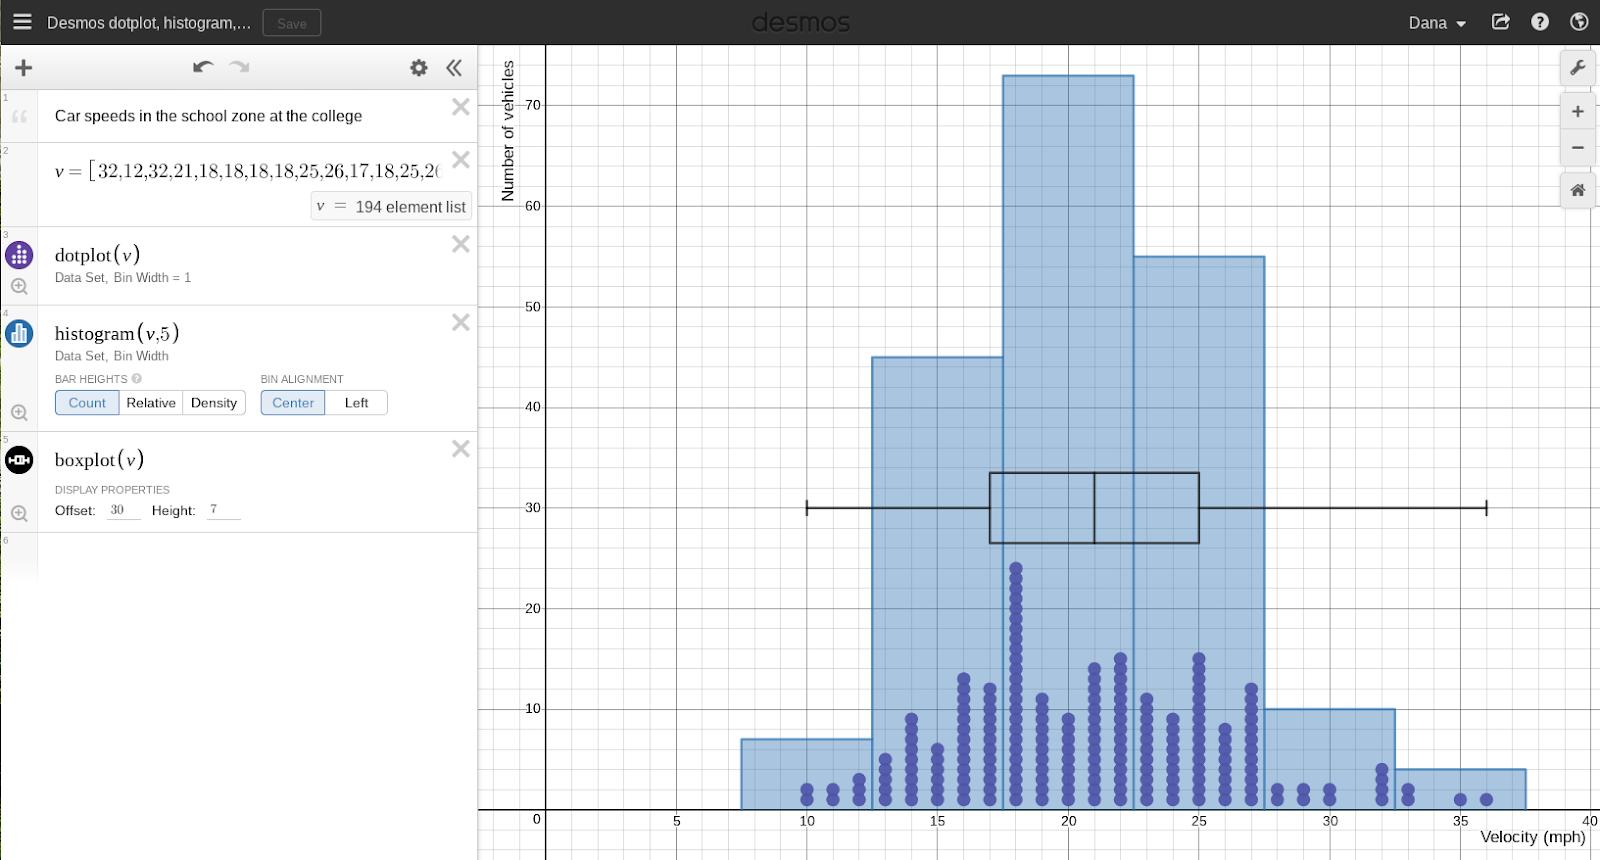 Desmos dotplots, histograms, boxplots, and distributions